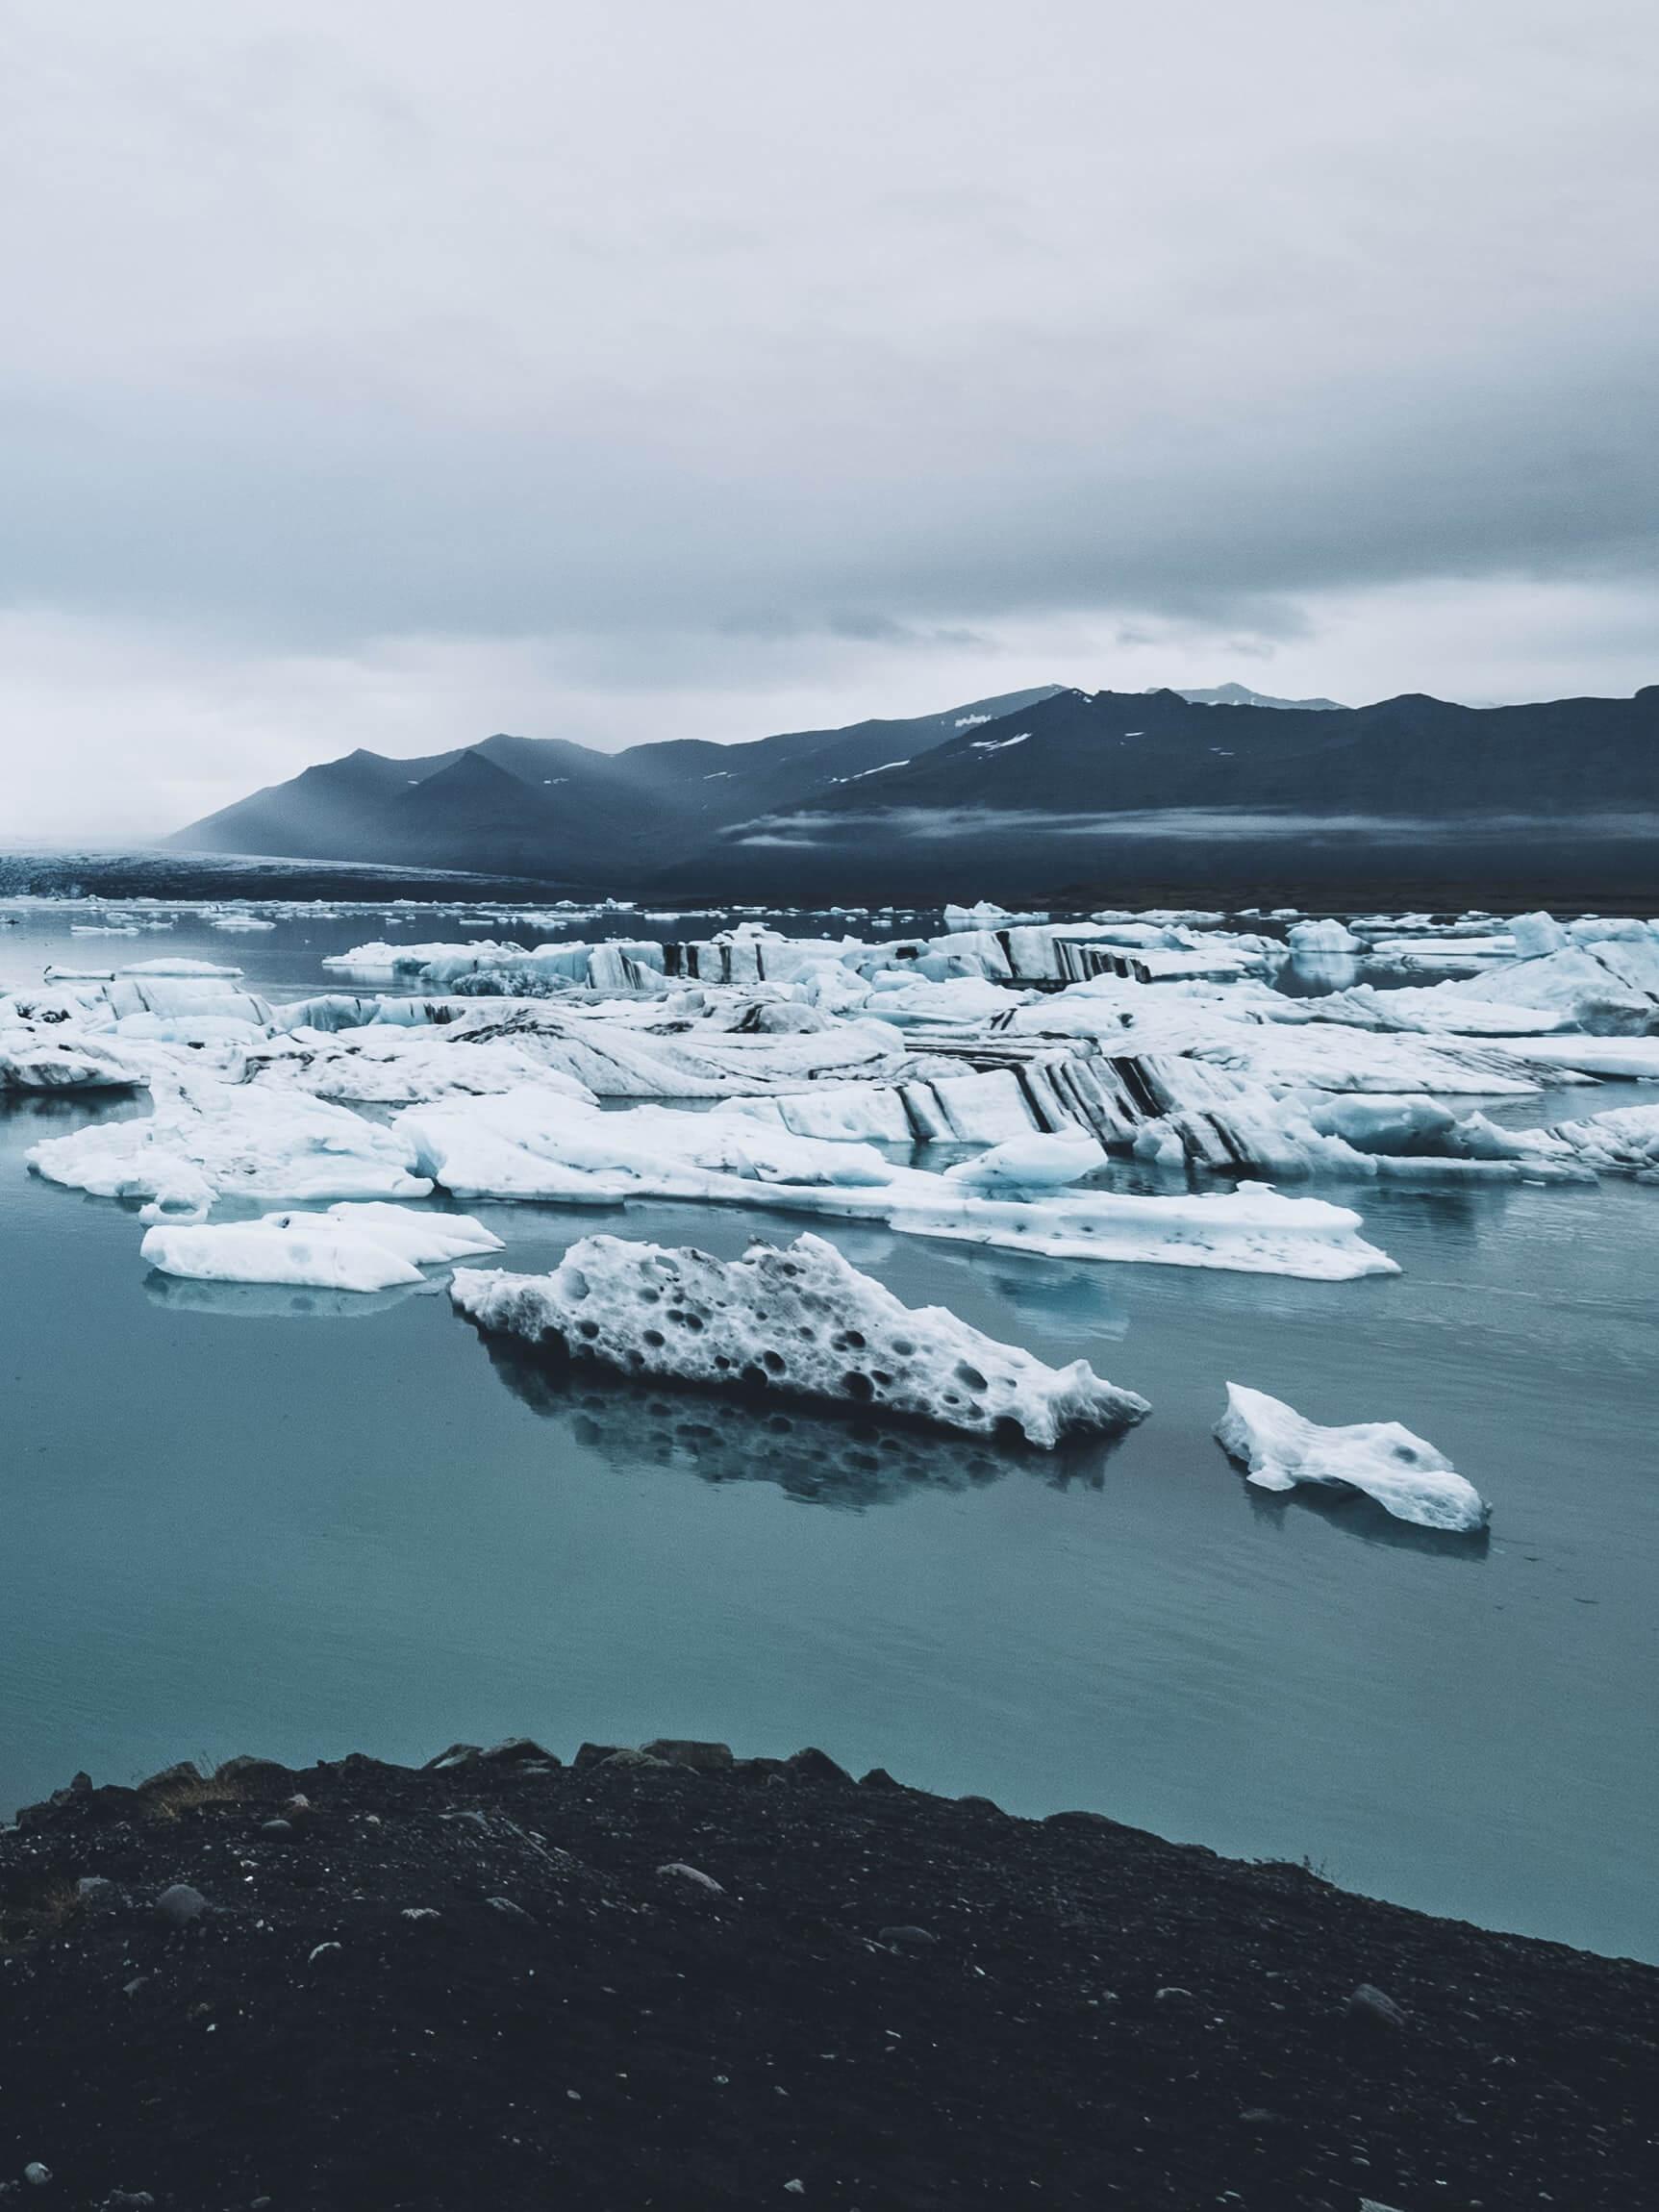 جوكالسارلون جلاسير لاجون -  الطبيعة الساحرة في آيسلندا